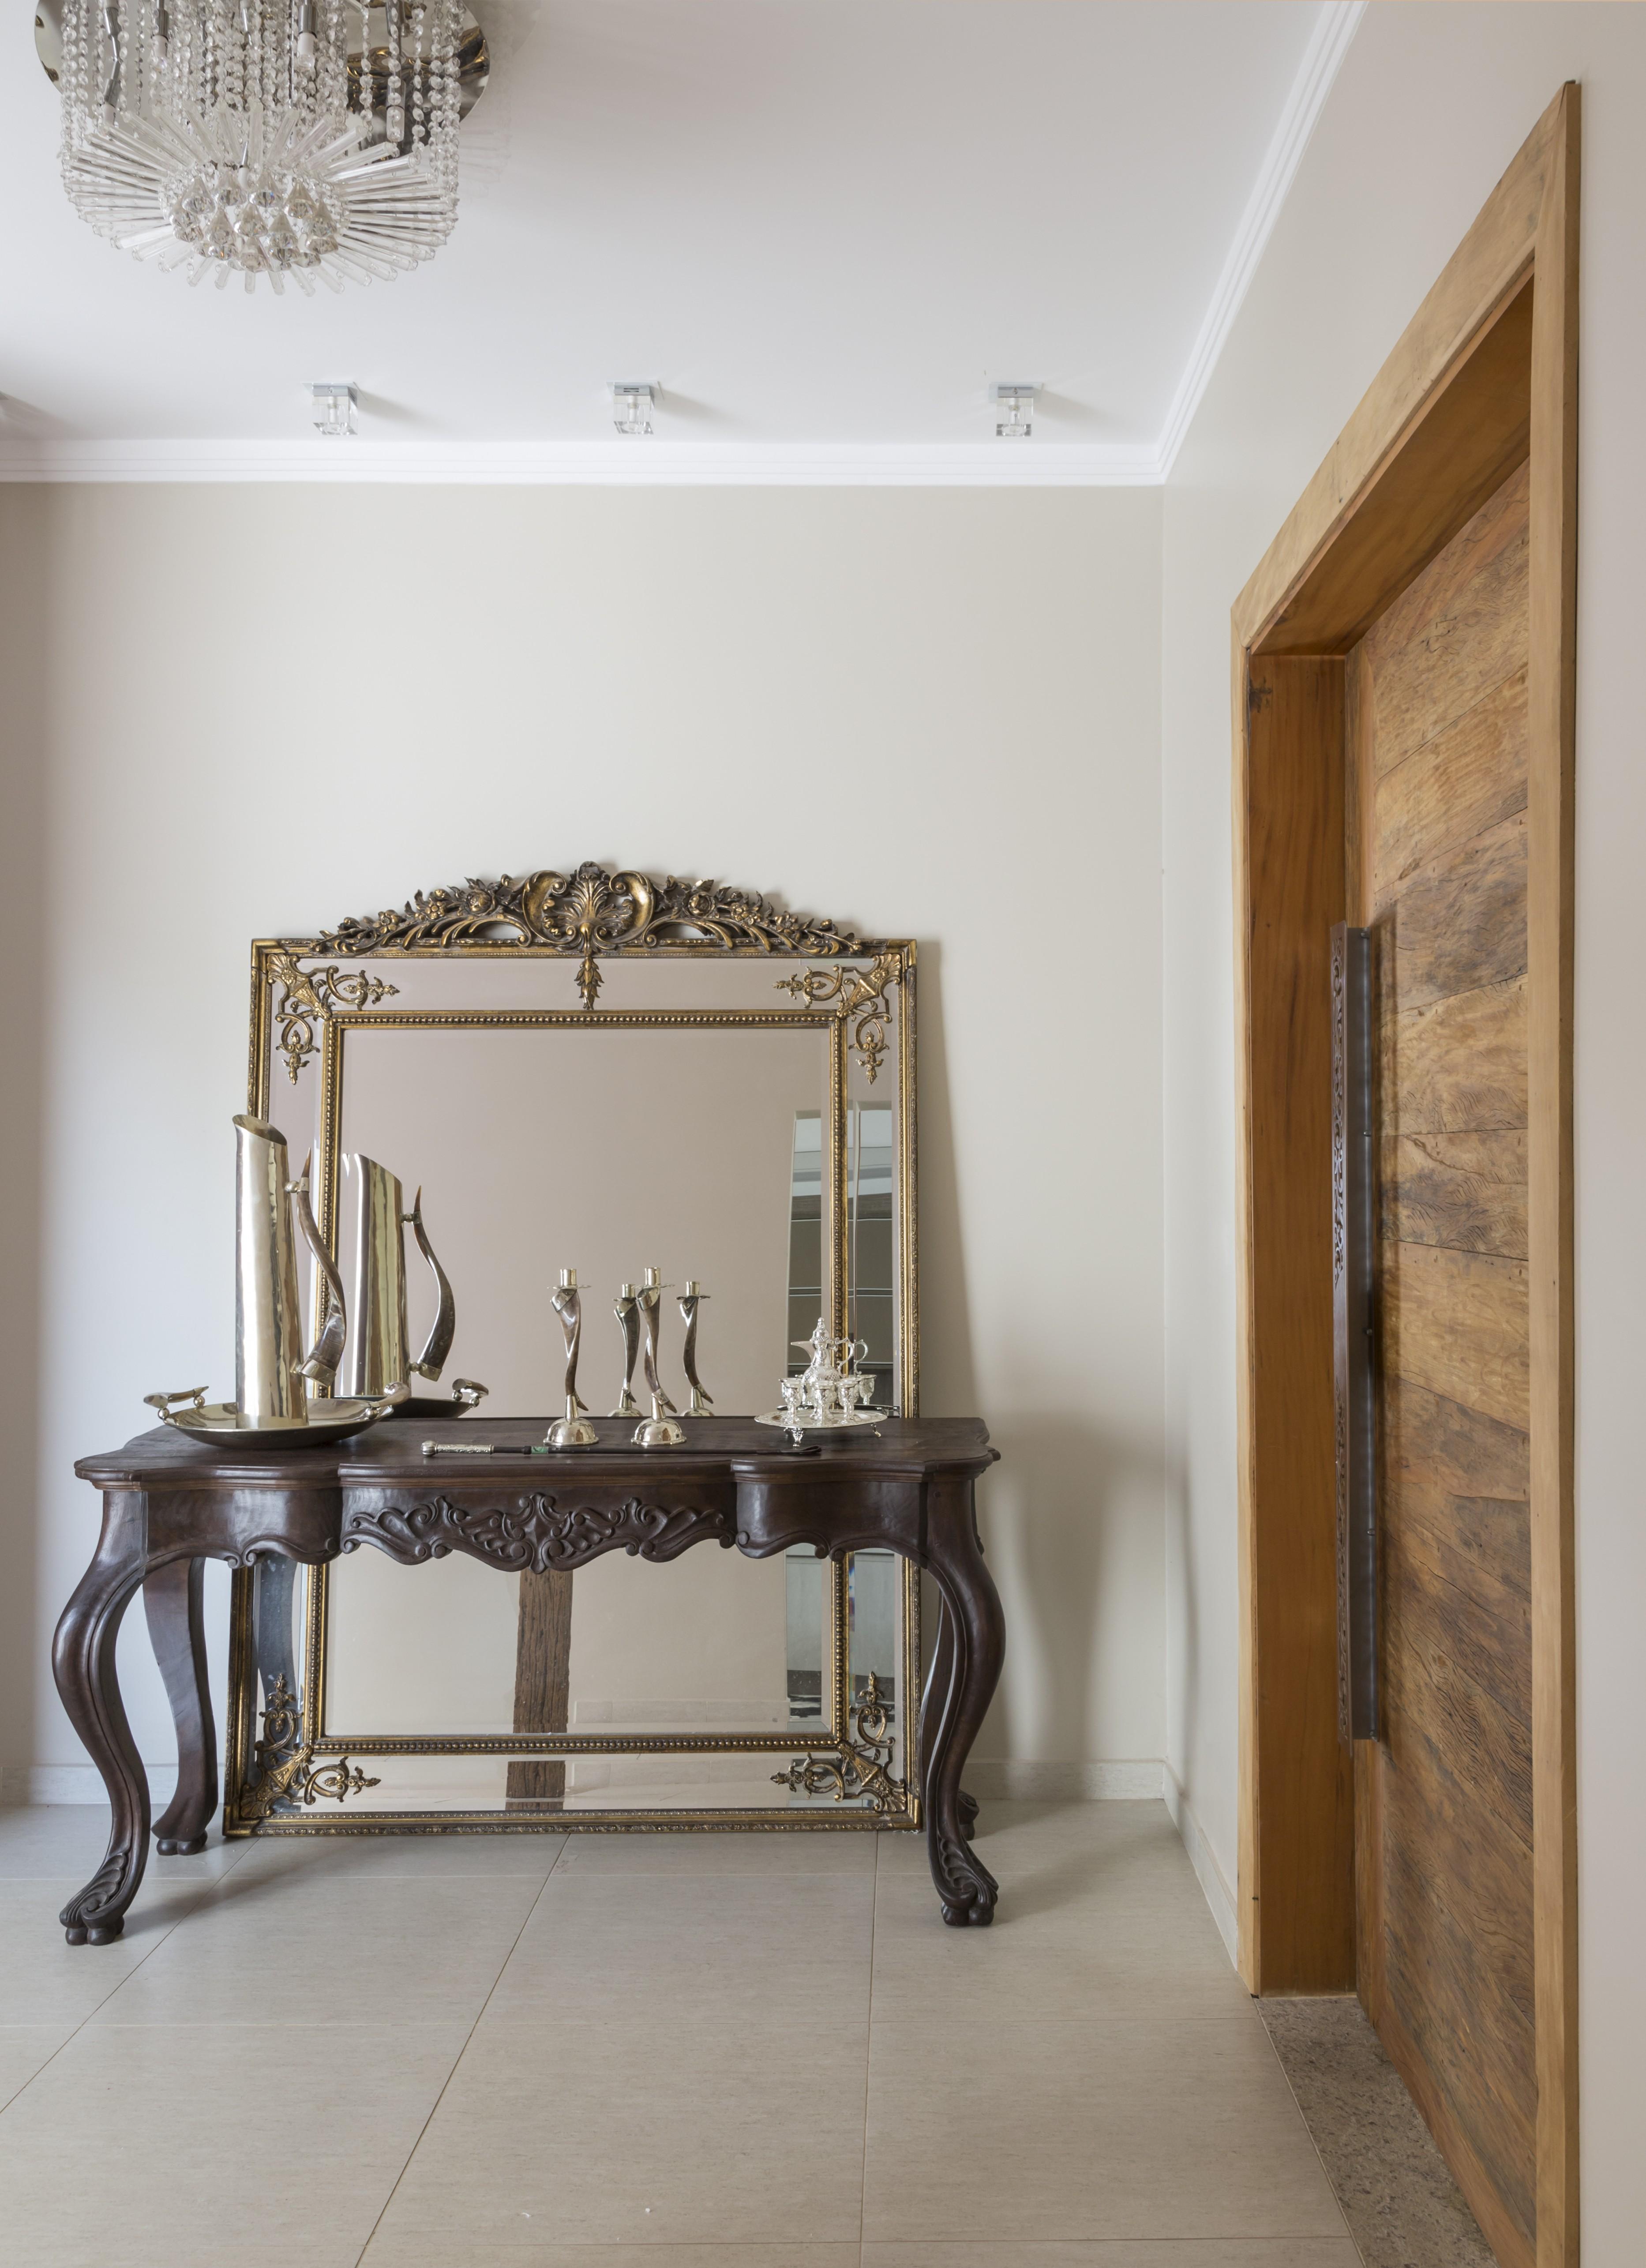 Hall de entrada con espejo: 5 ideas para rediseñar el espacio (Foto: Evelyn Müller)